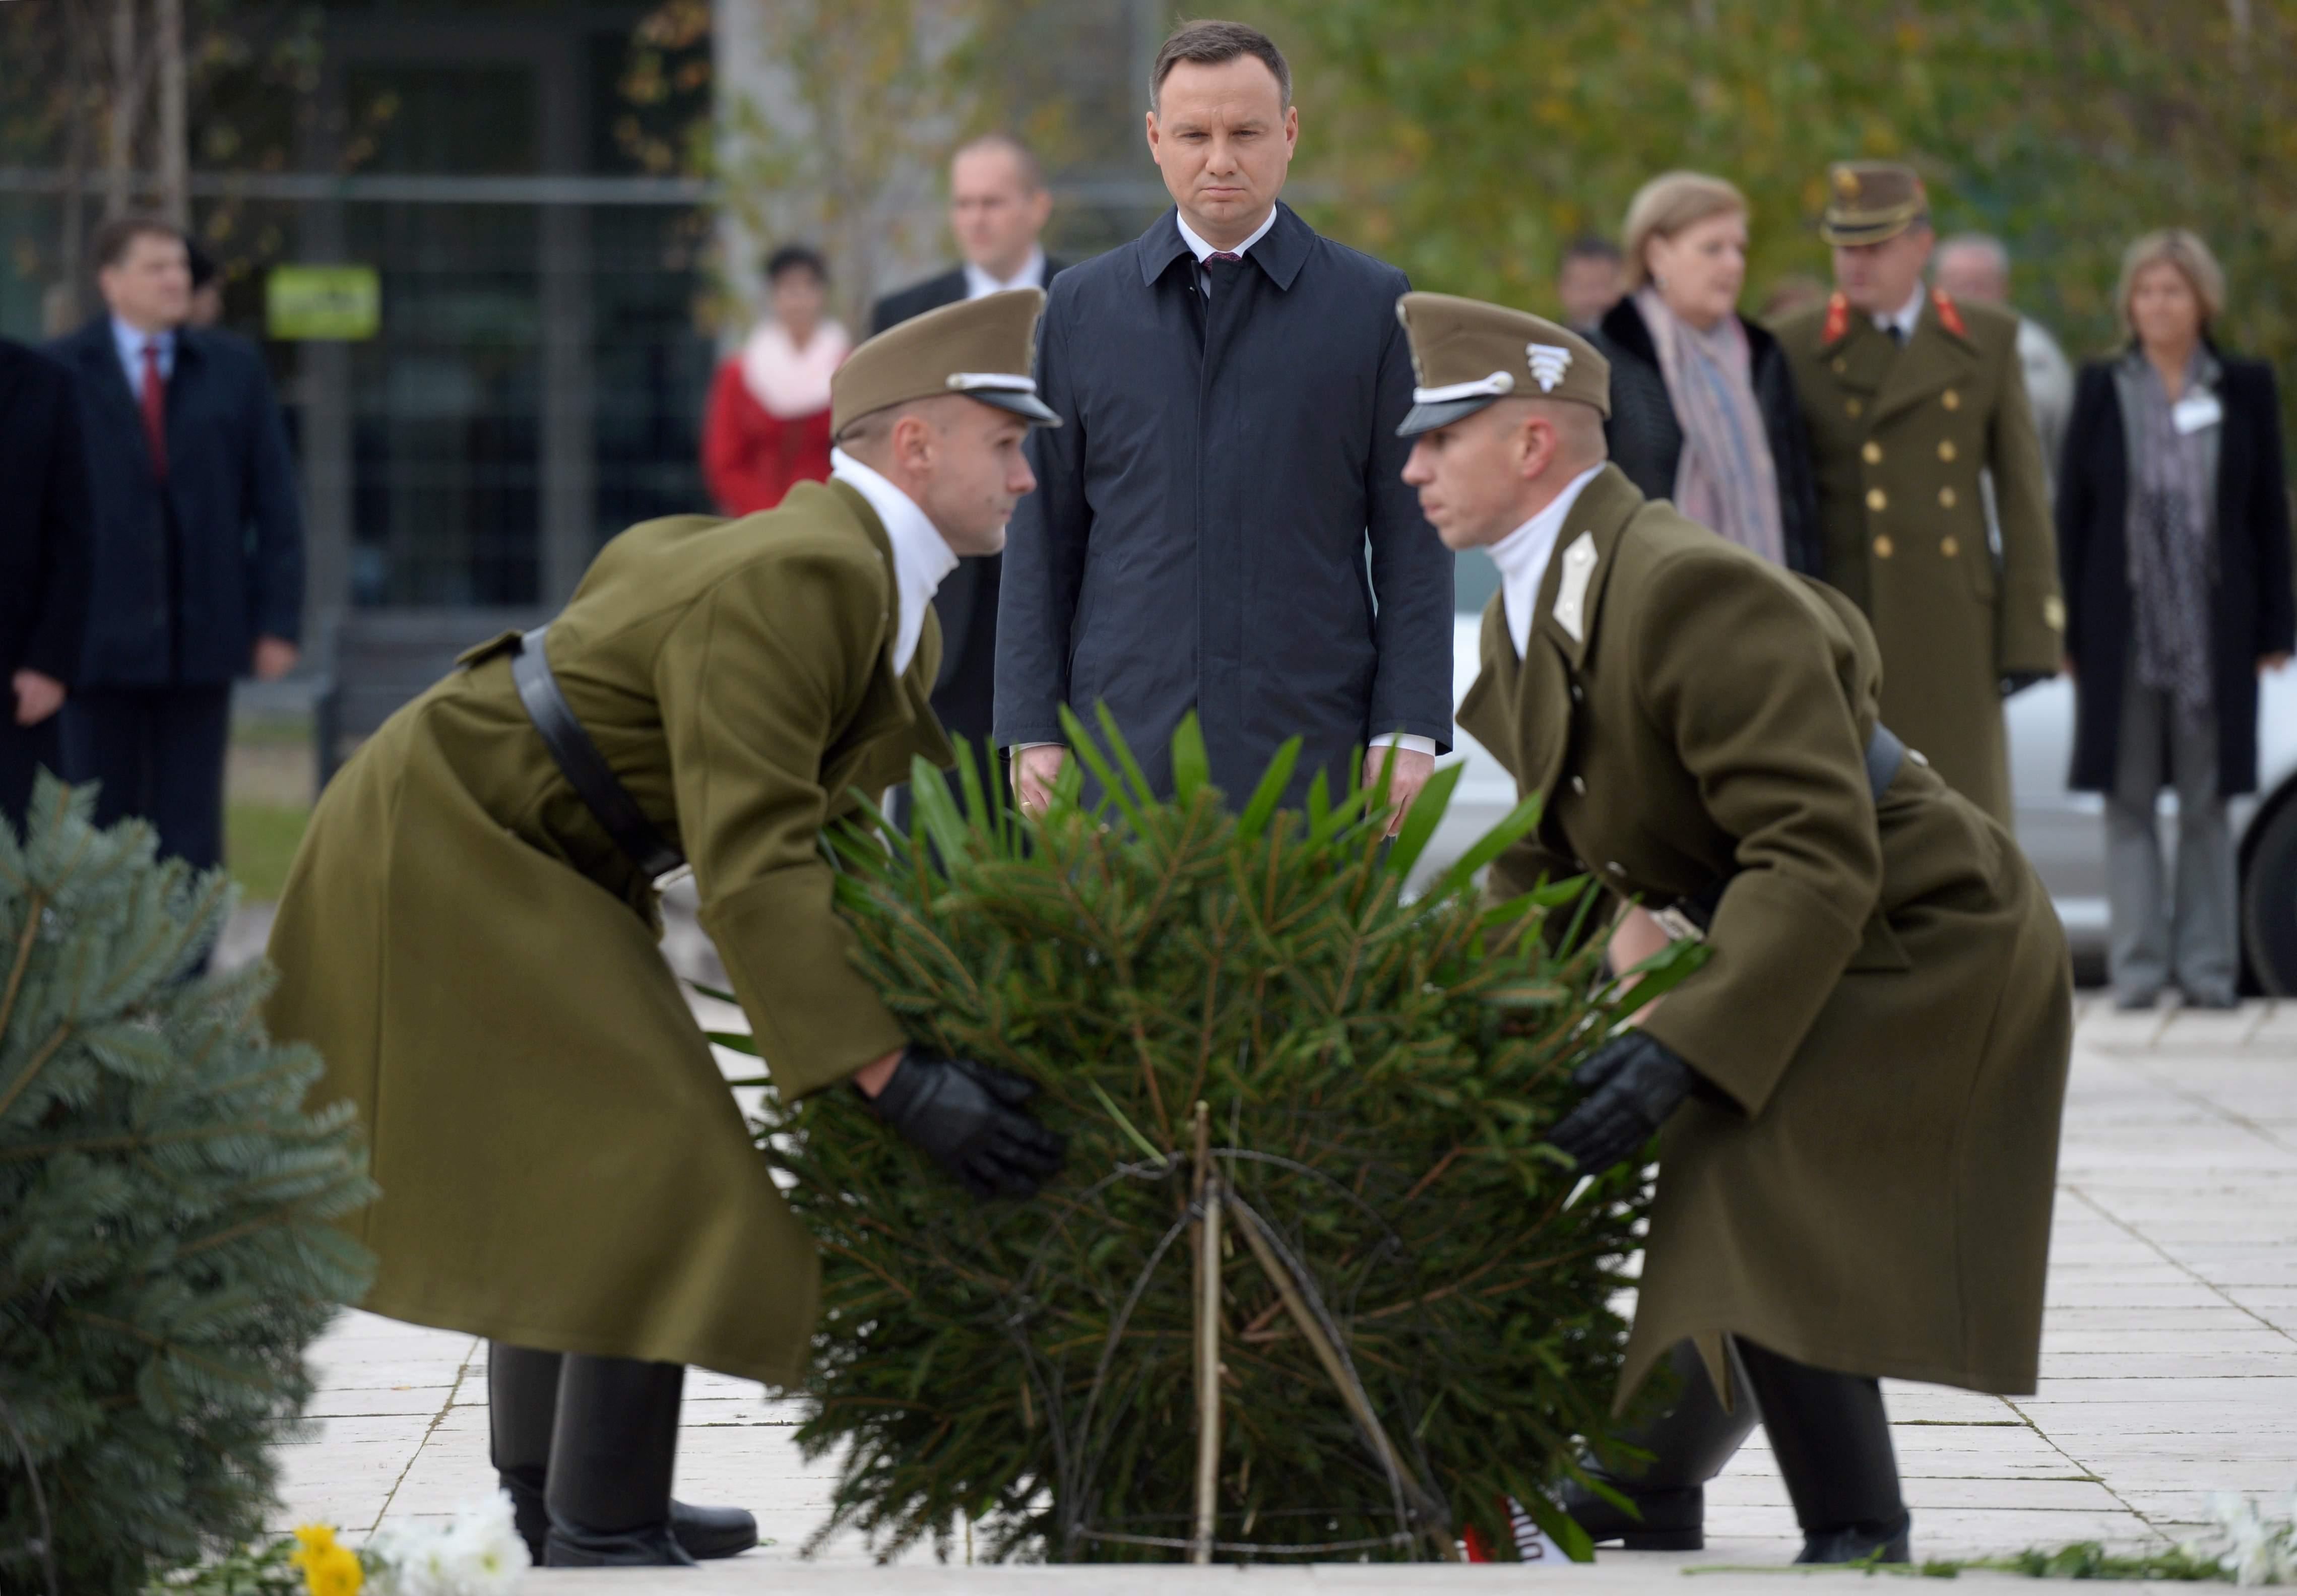 Prezydent Andrzej Duda na cmentarzu Rakoskeresztur, gdzie złożył wieniec pod pomnikiem Rewolucji '56, Prezydent Andrzej Duda jest z wizytą w Budapeszcie, gdzie weźmie udział w obchodach 60. rocznicy rewolucji węgierskiej z 1956 r. Spotka się także z prezydentem Węgier Janoszem Aderem. PAP/Jacek Turczyk